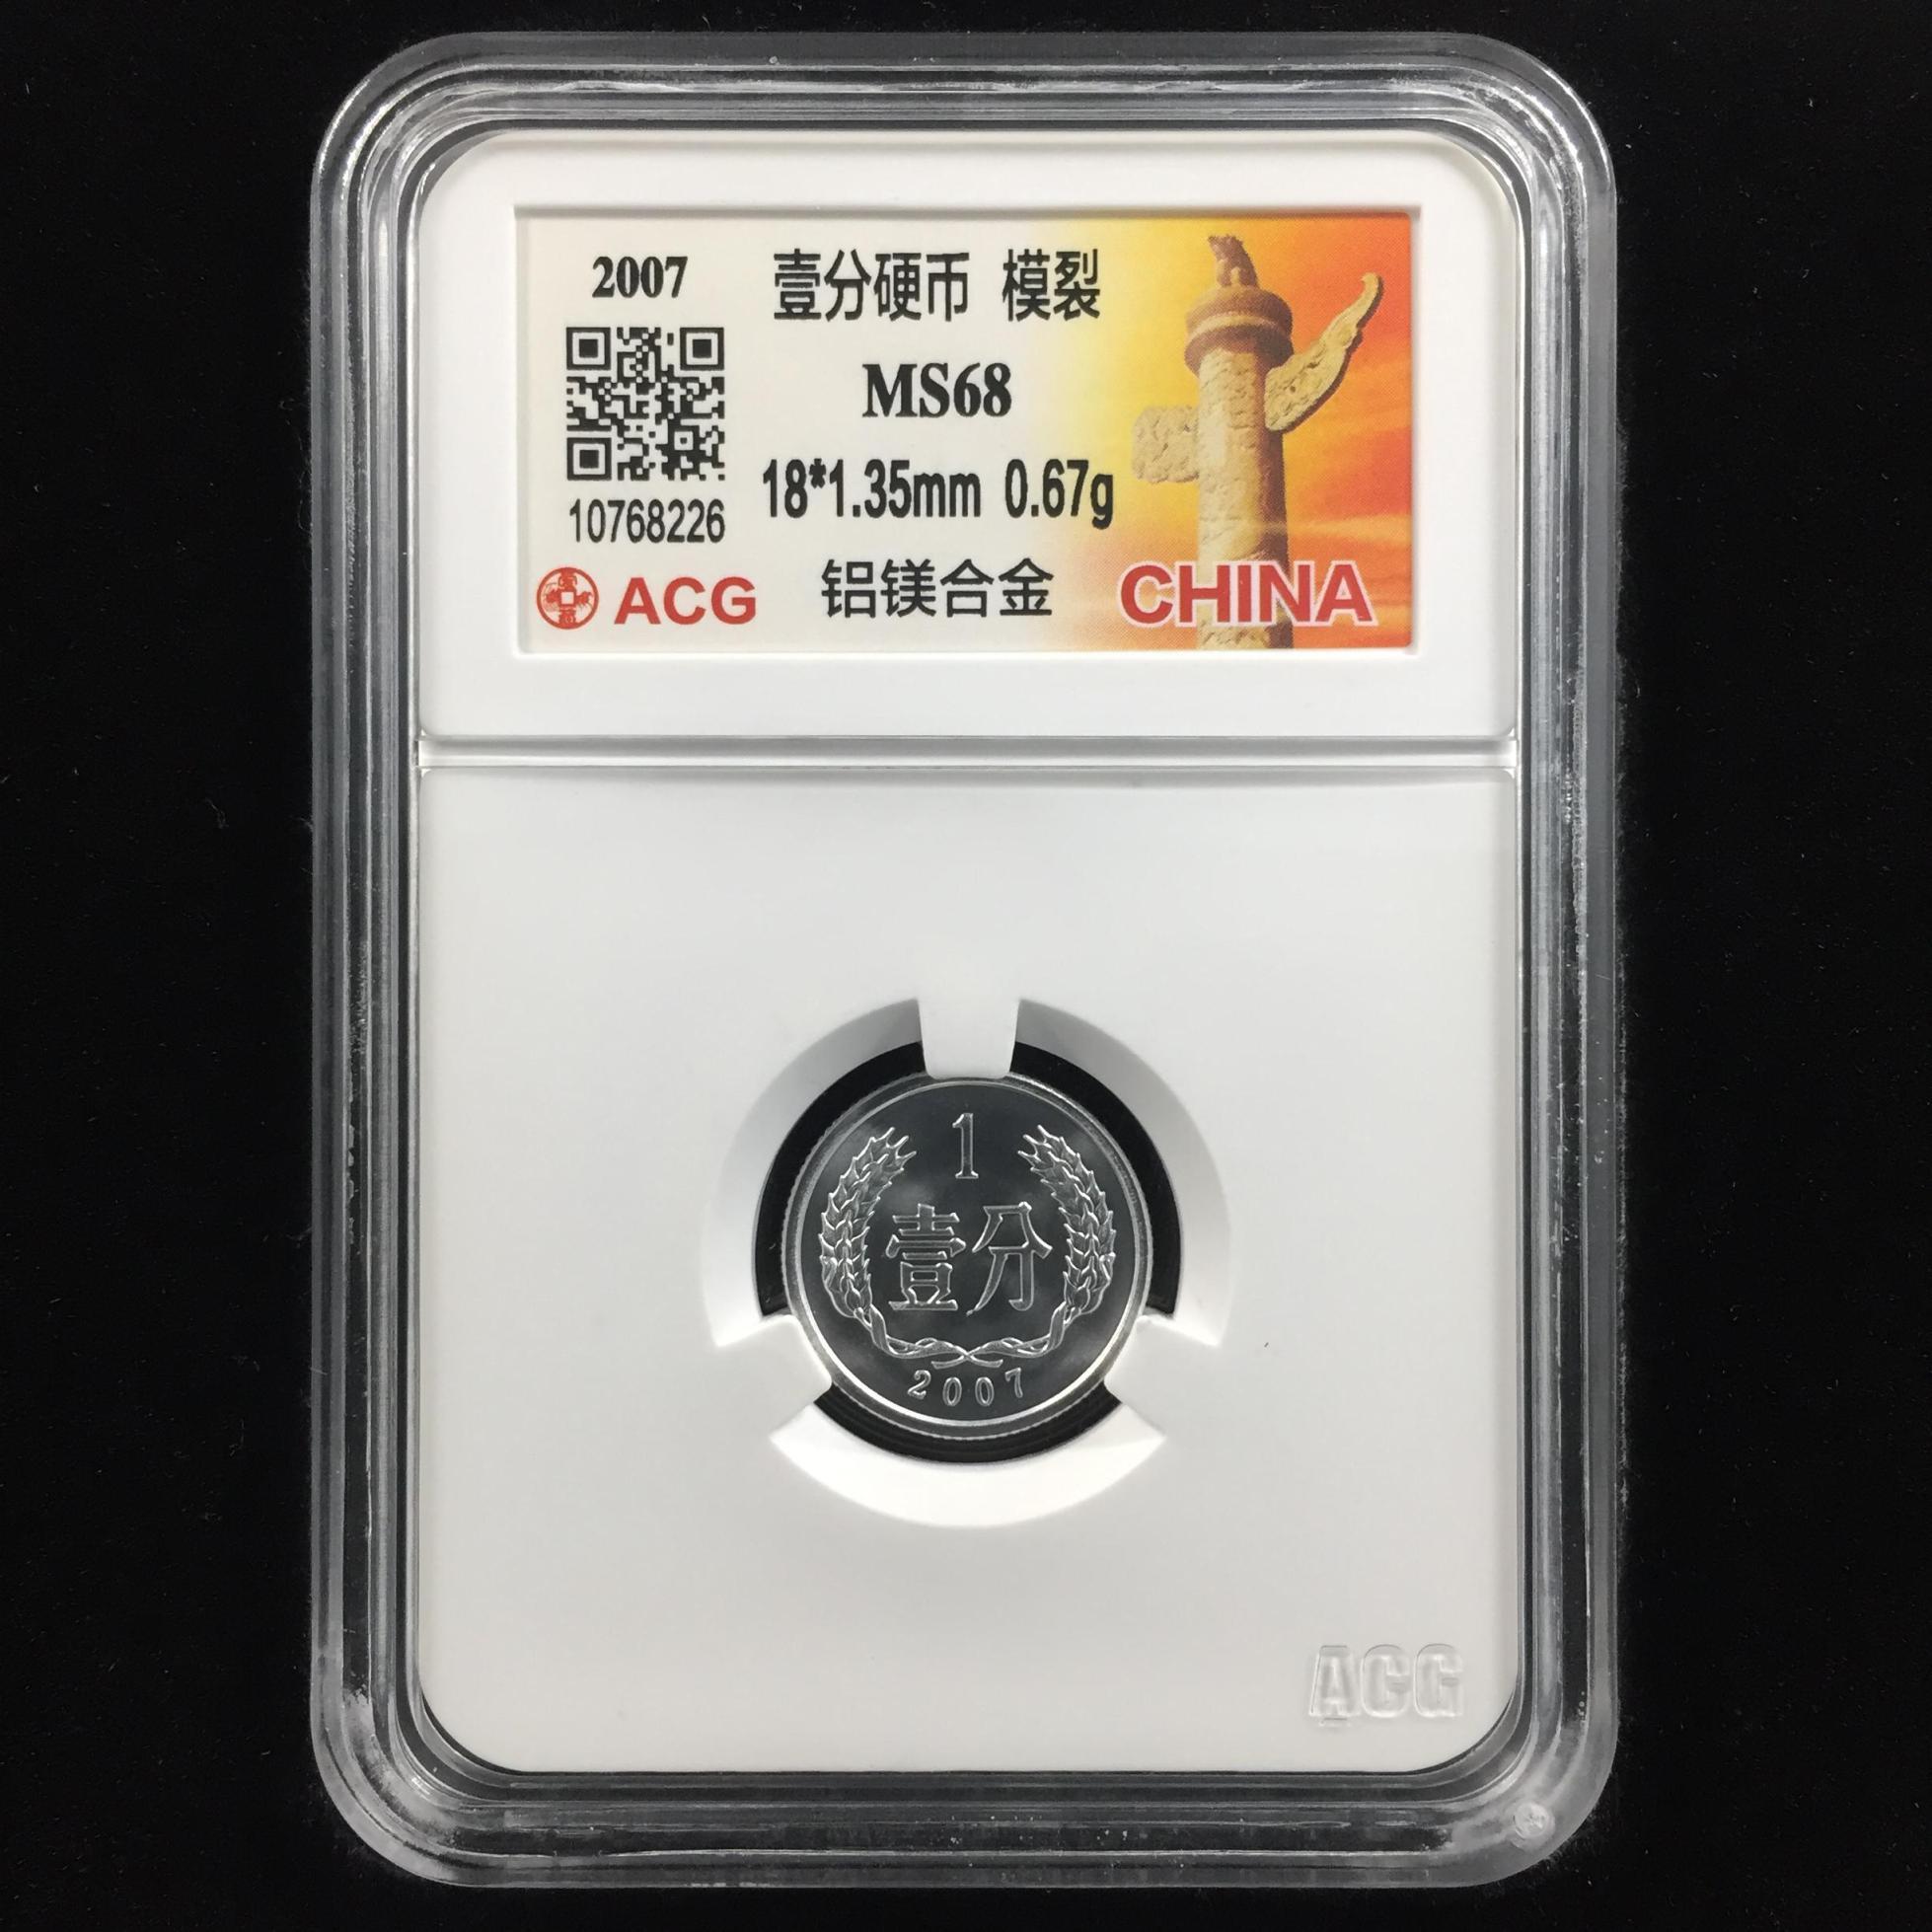 模裂币→2007年1分硬币→ACG鉴定证书-10768226